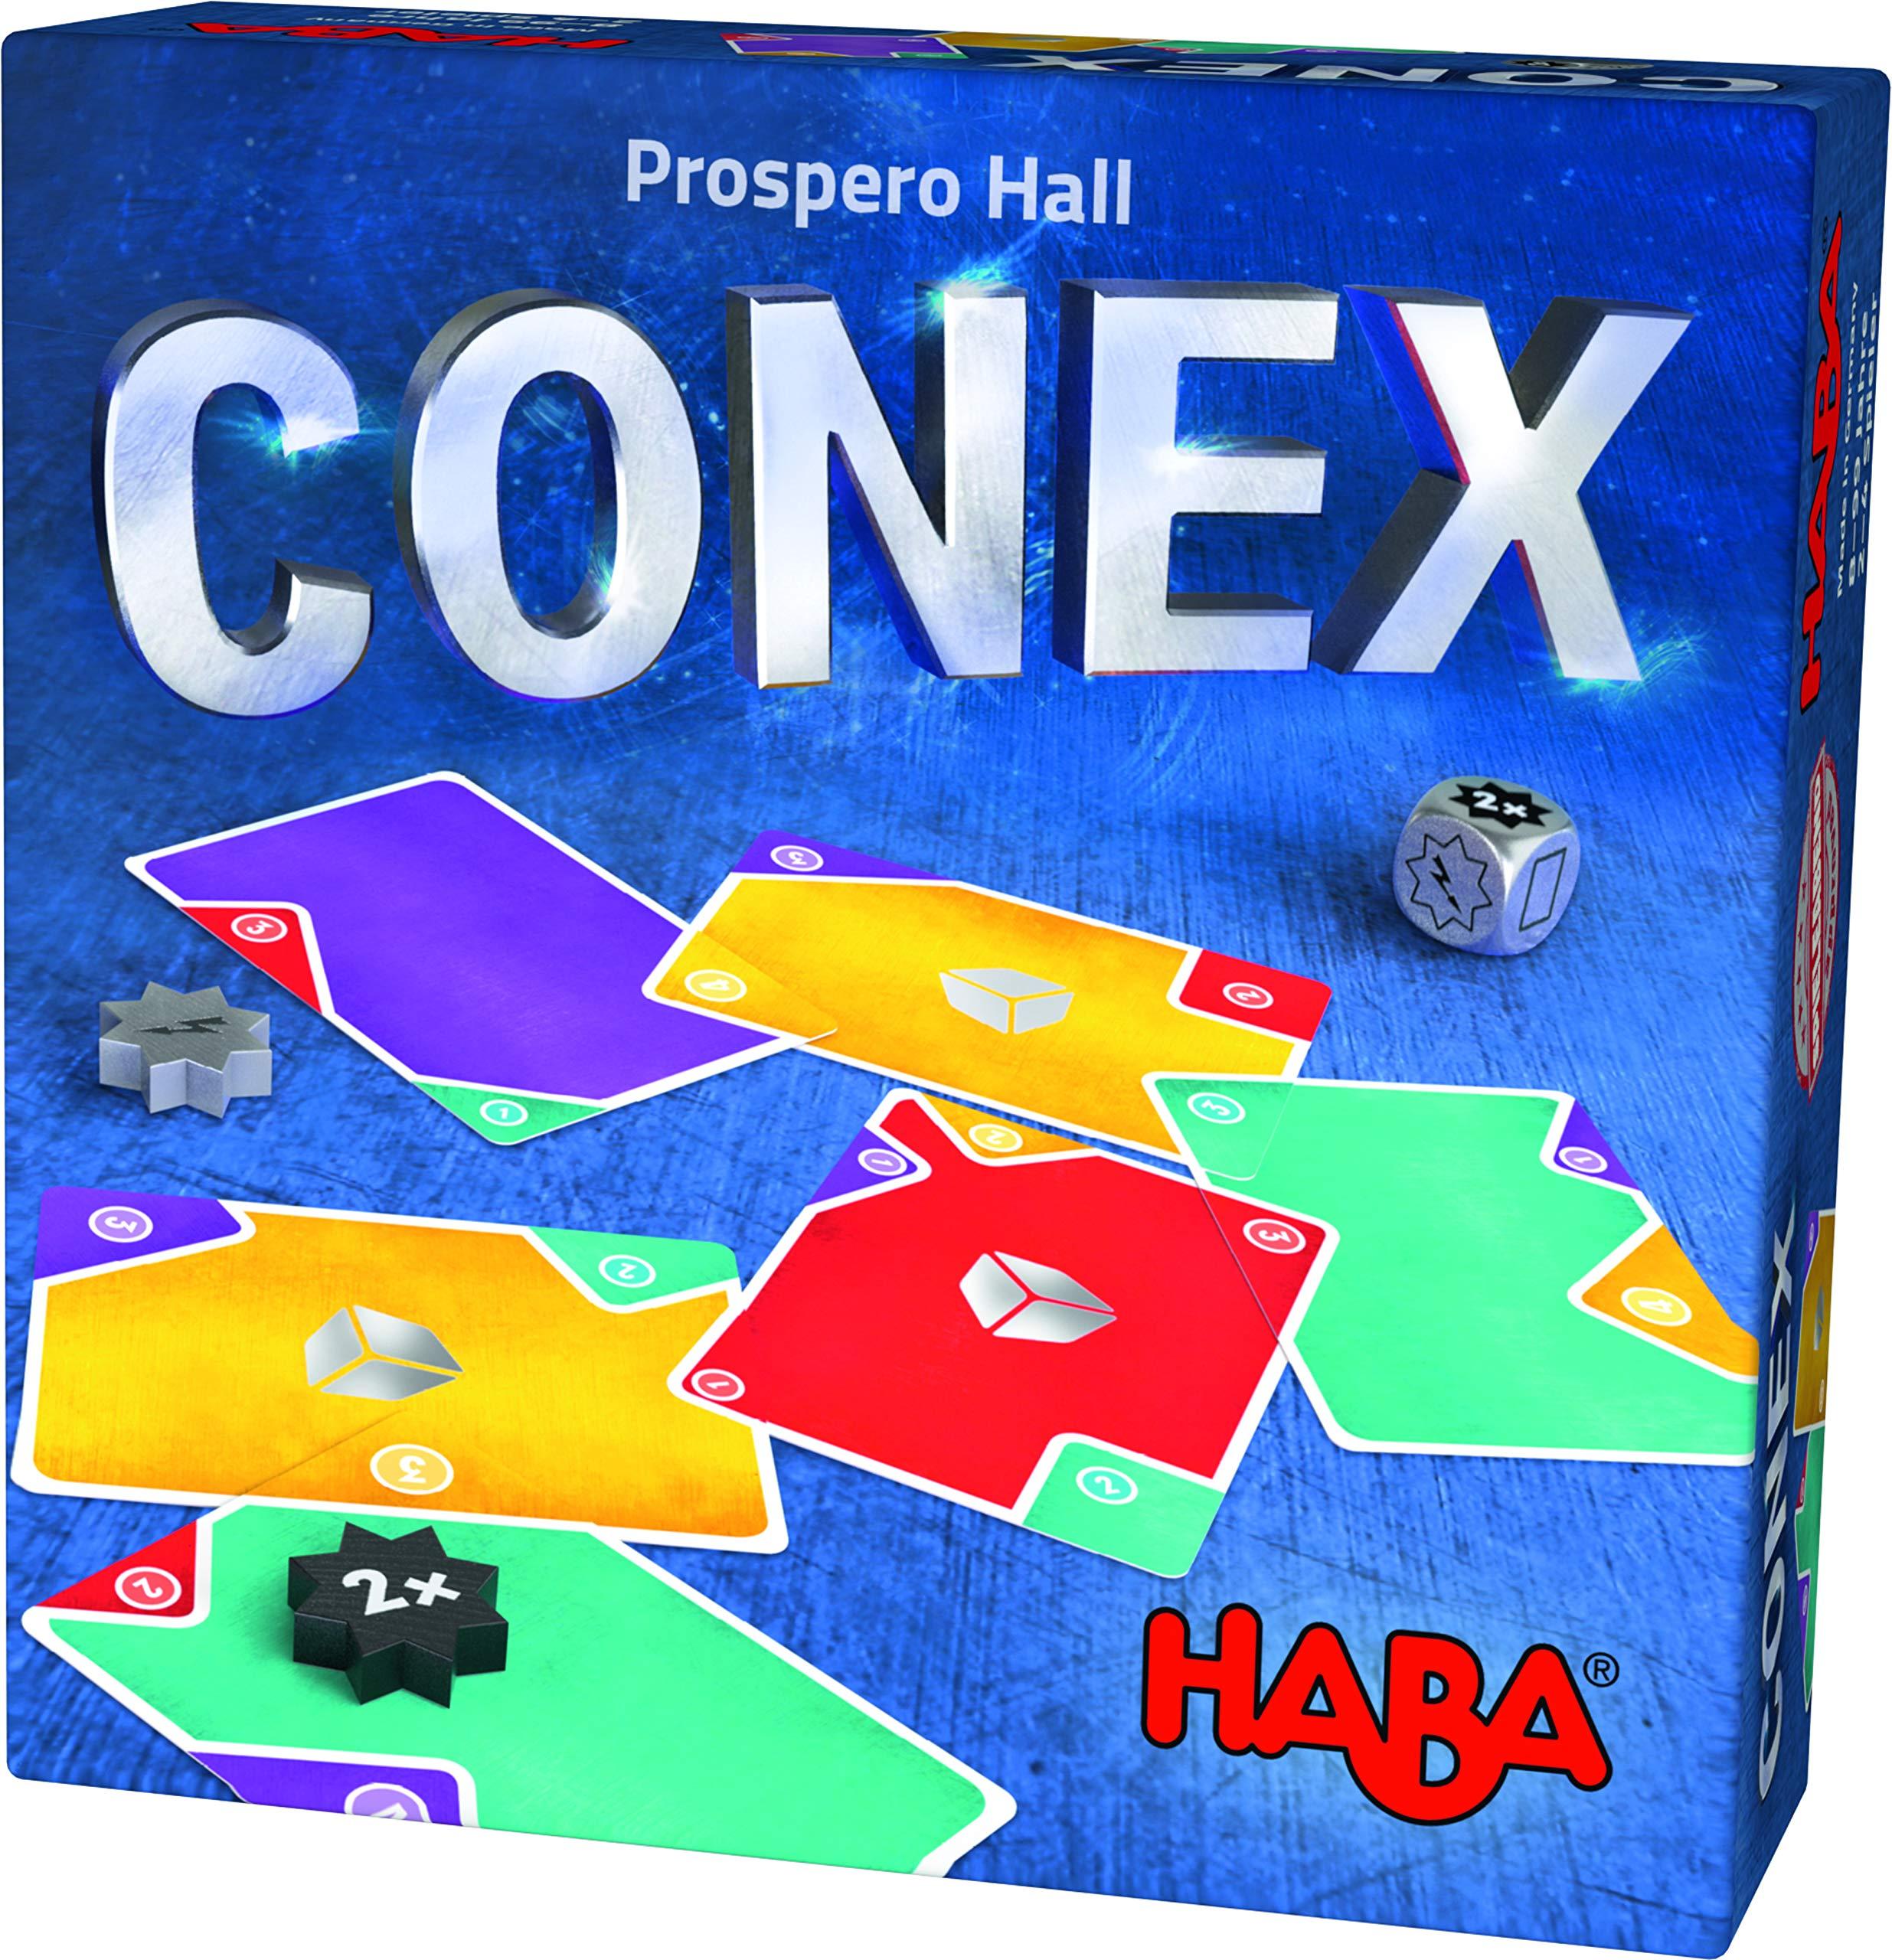 HABA- CONEX Juego de Mesa, Multicolor (Habermass 303802): Amazon.es: Juguetes y juegos